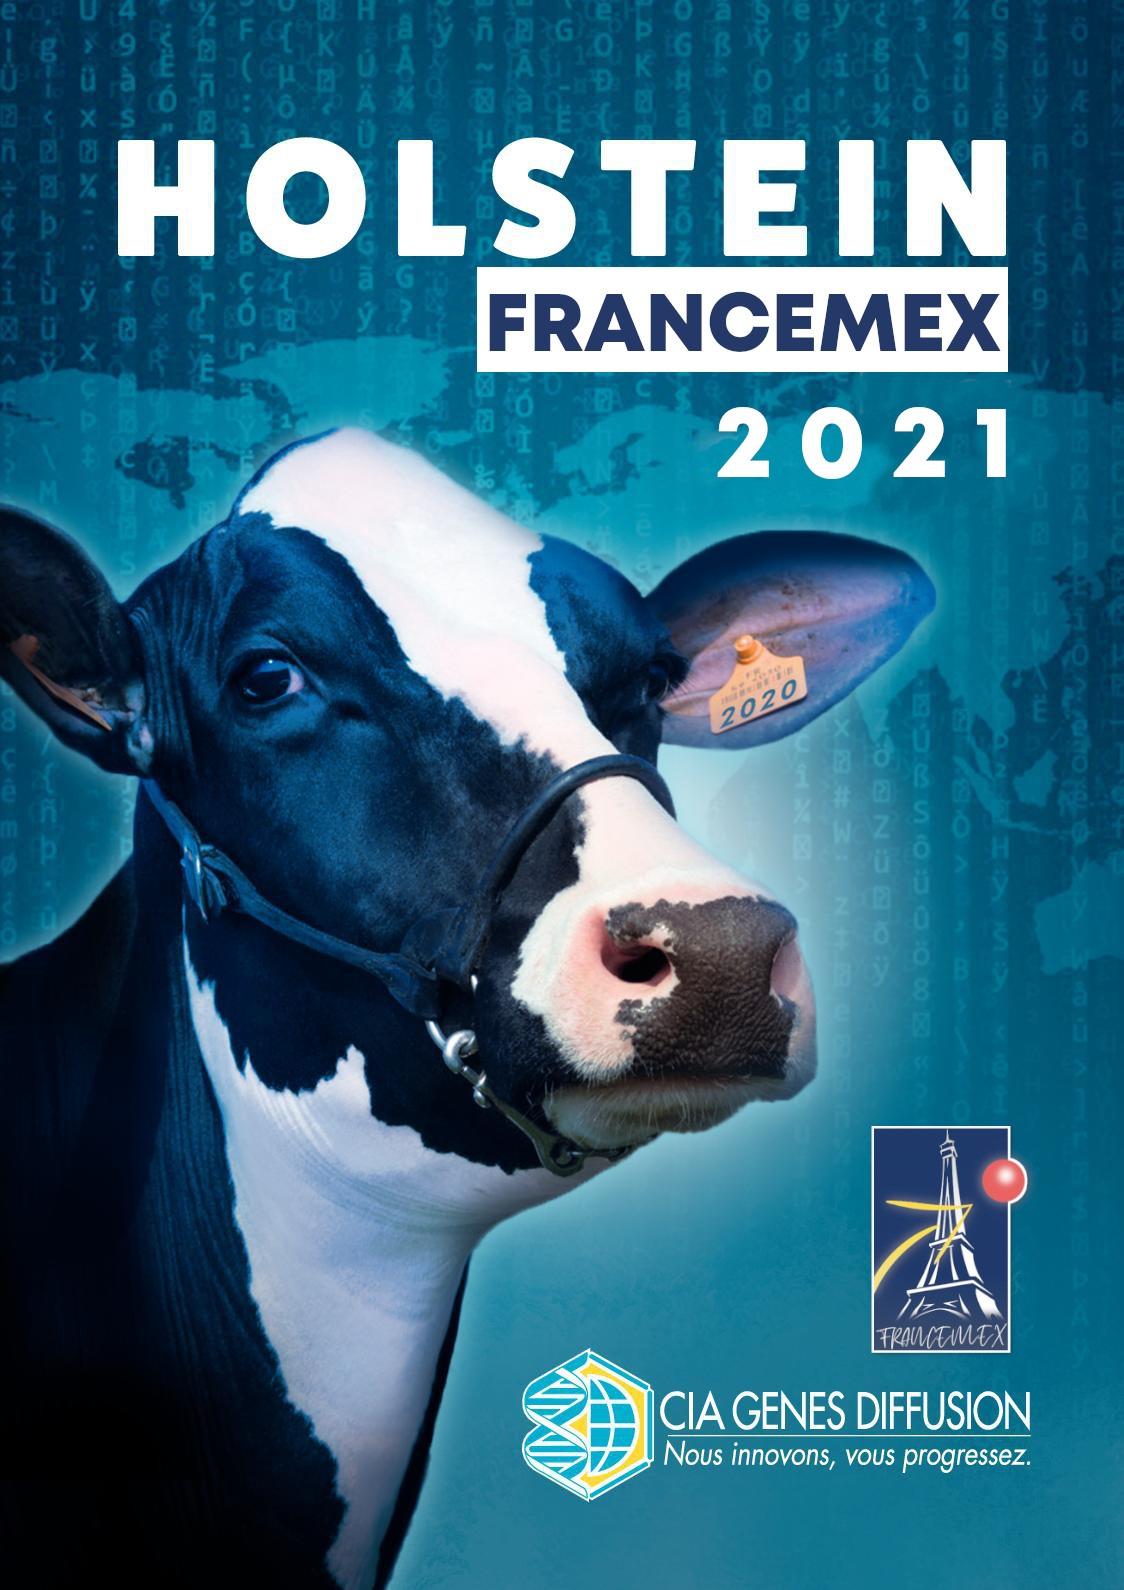 Holstein Francemex 2021